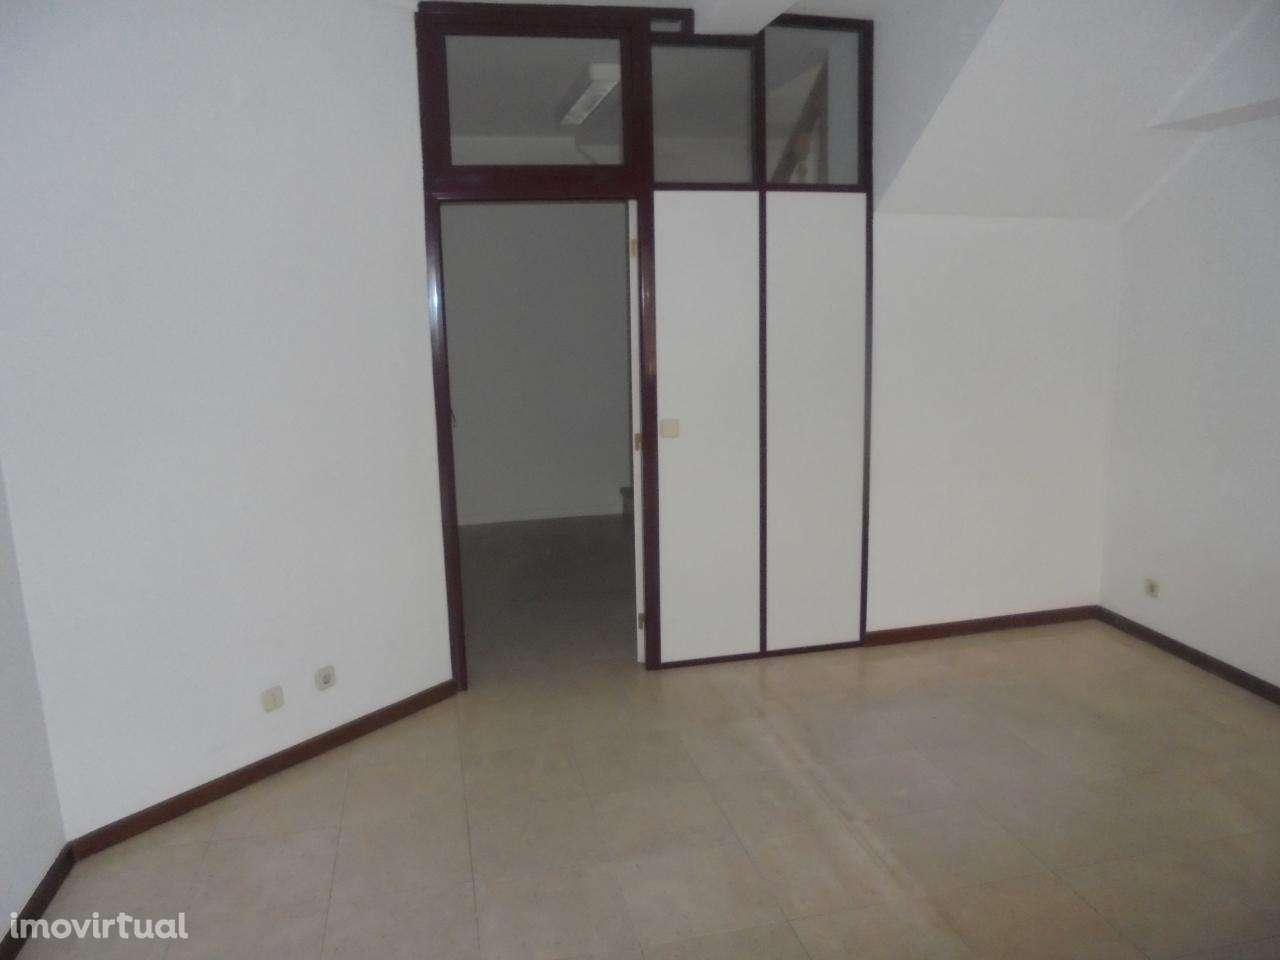 Loja para arrendar, Esgueira, Aveiro - Foto 3